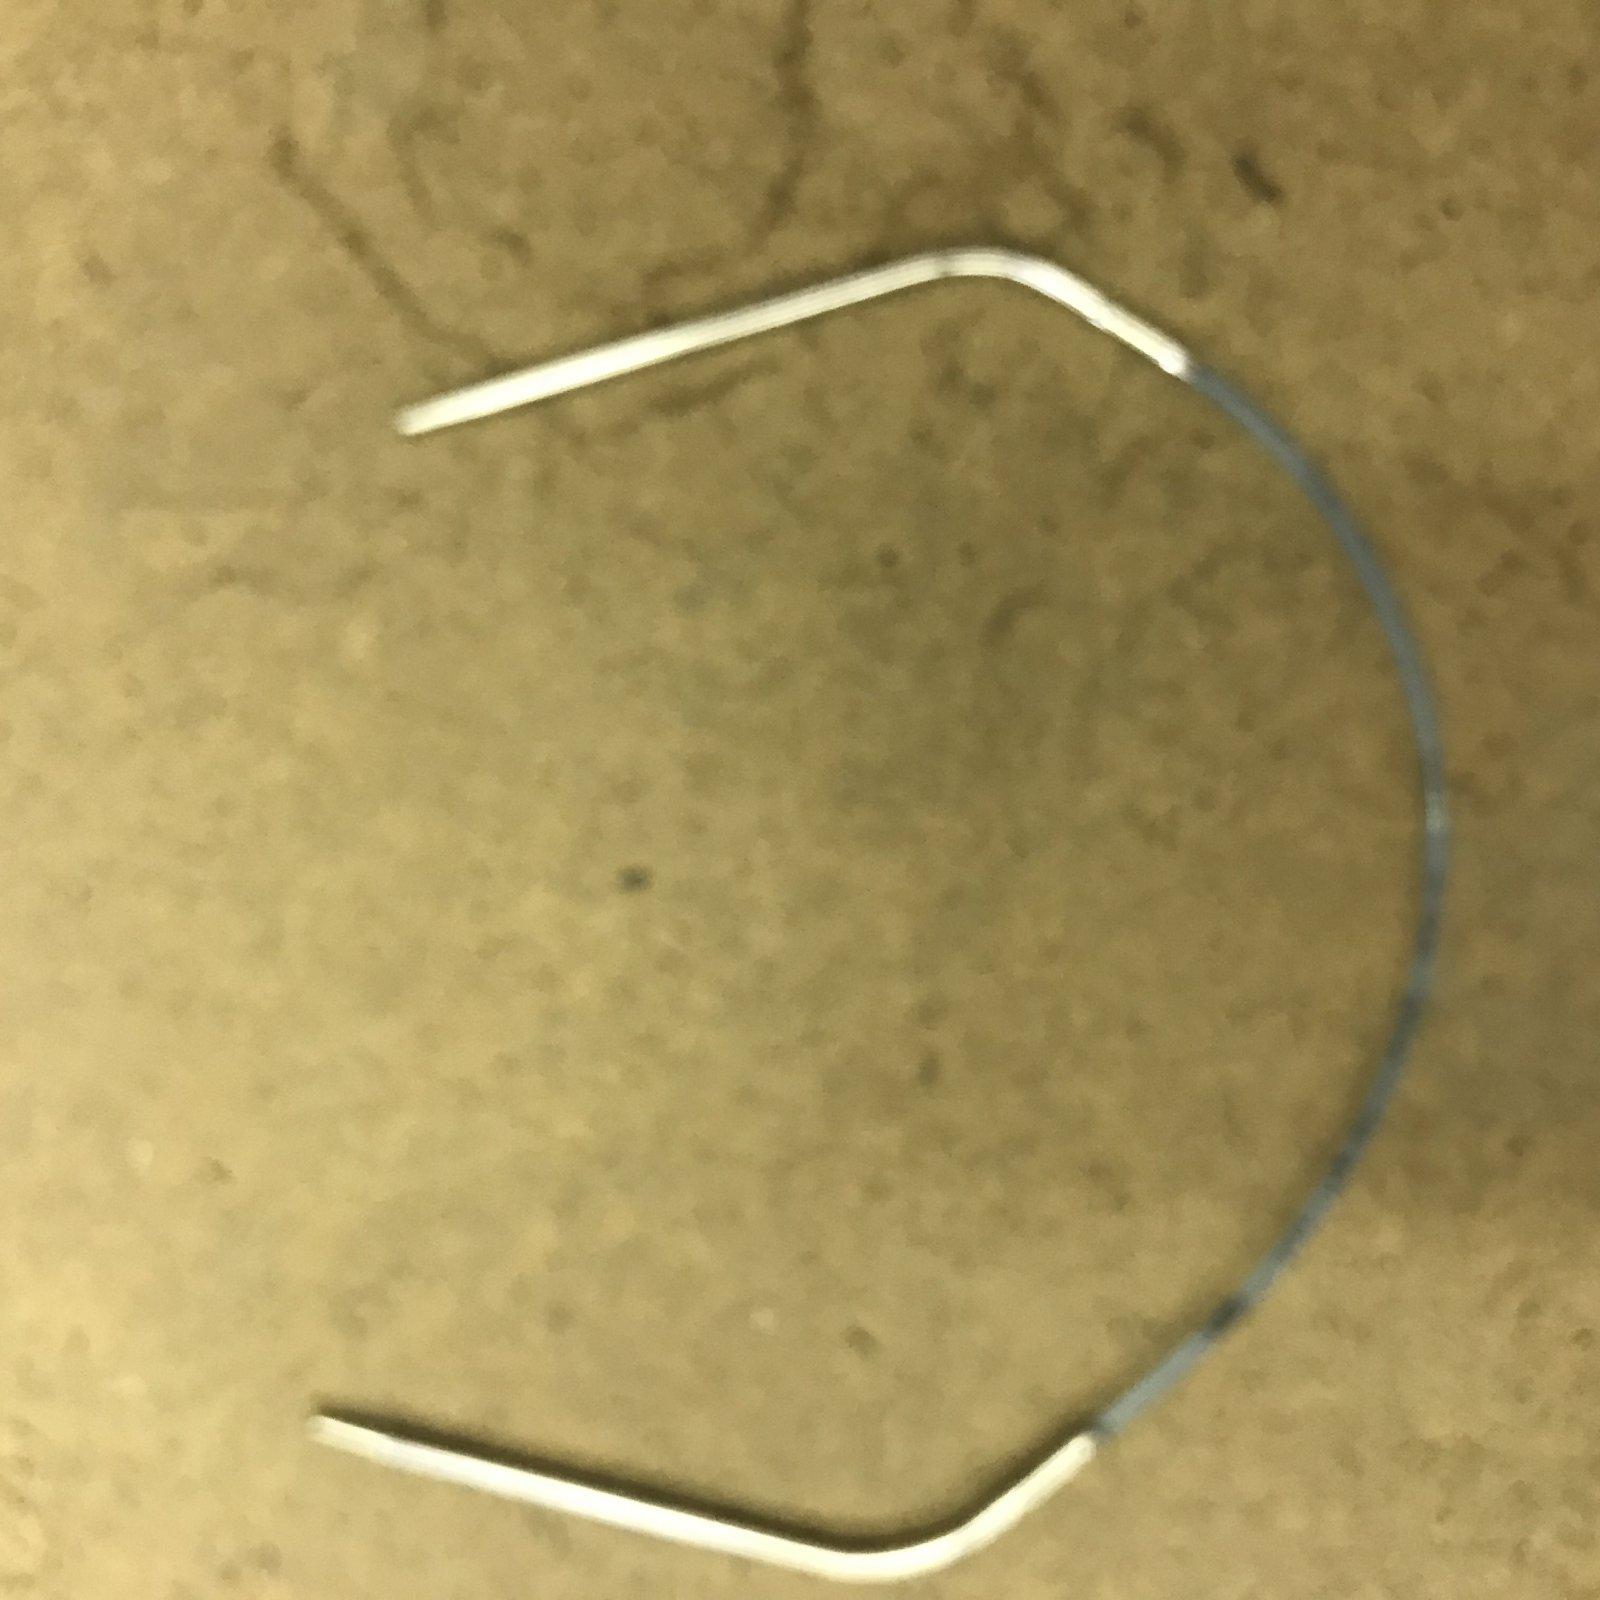 Addi Turbo Circular 12 US 9 with bend 5.5 mm